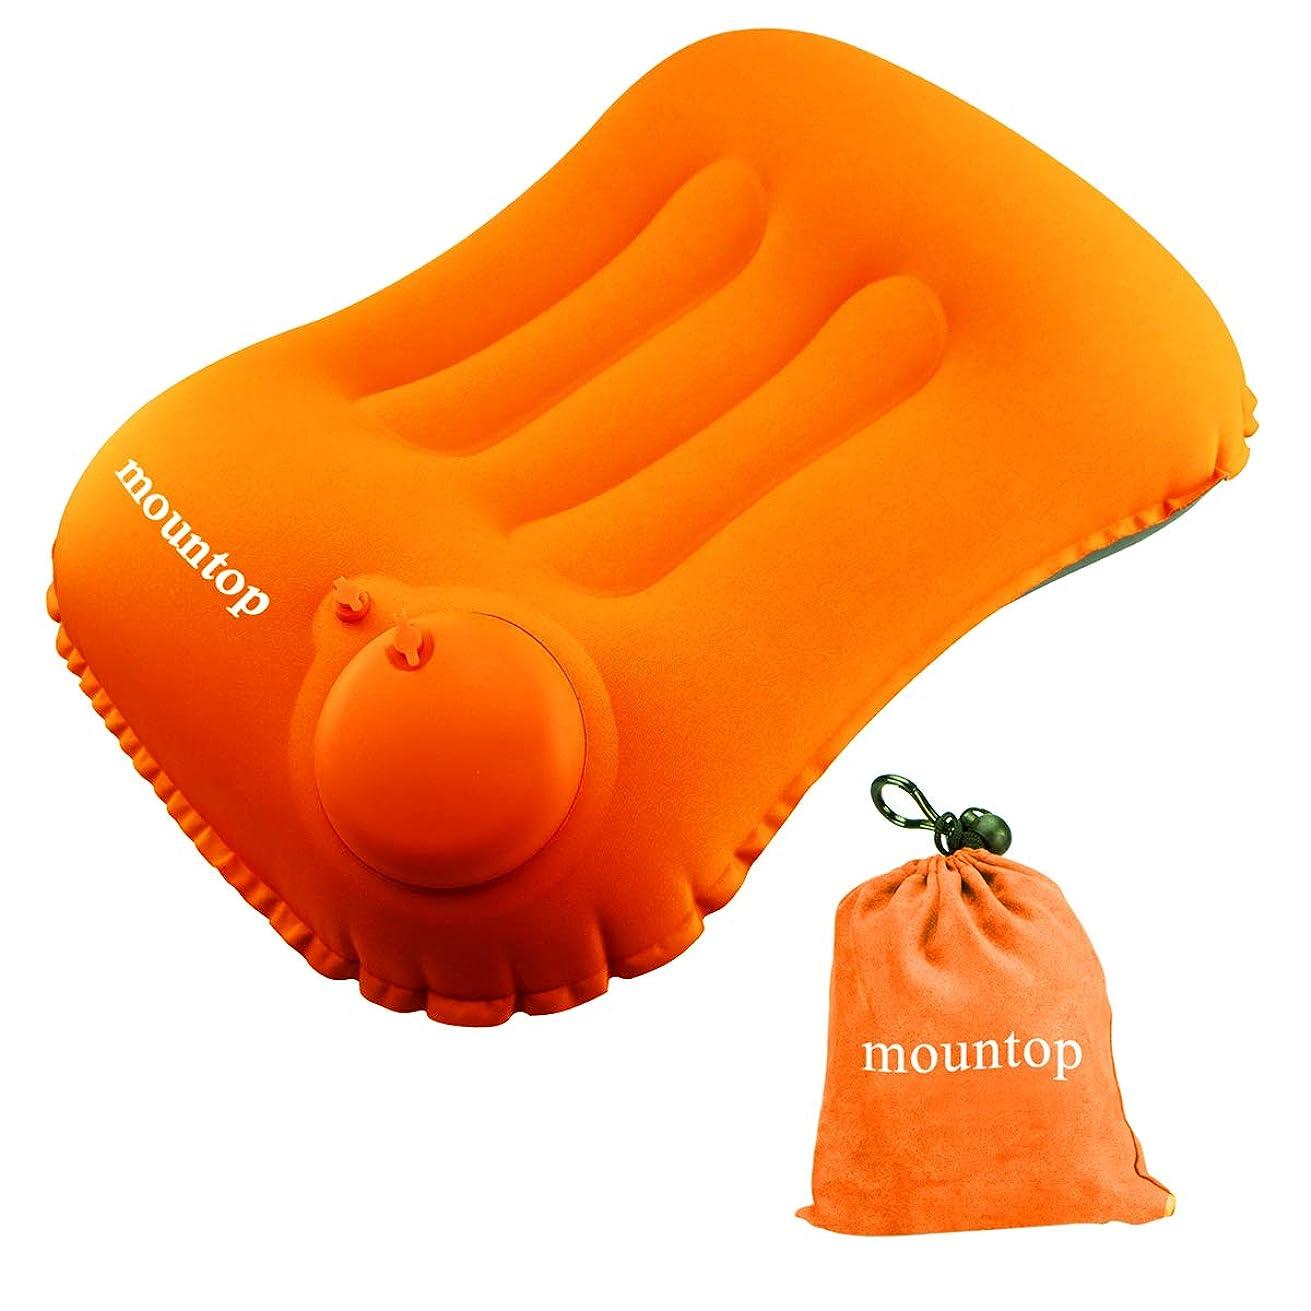 暖かく和らげるジャムmountopエアーピロー 手動プレス式 キャンプ枕 空気枕 旅行枕 収納袋付き 超軽量 携帯用 事務室 車中泊 アウトドア用